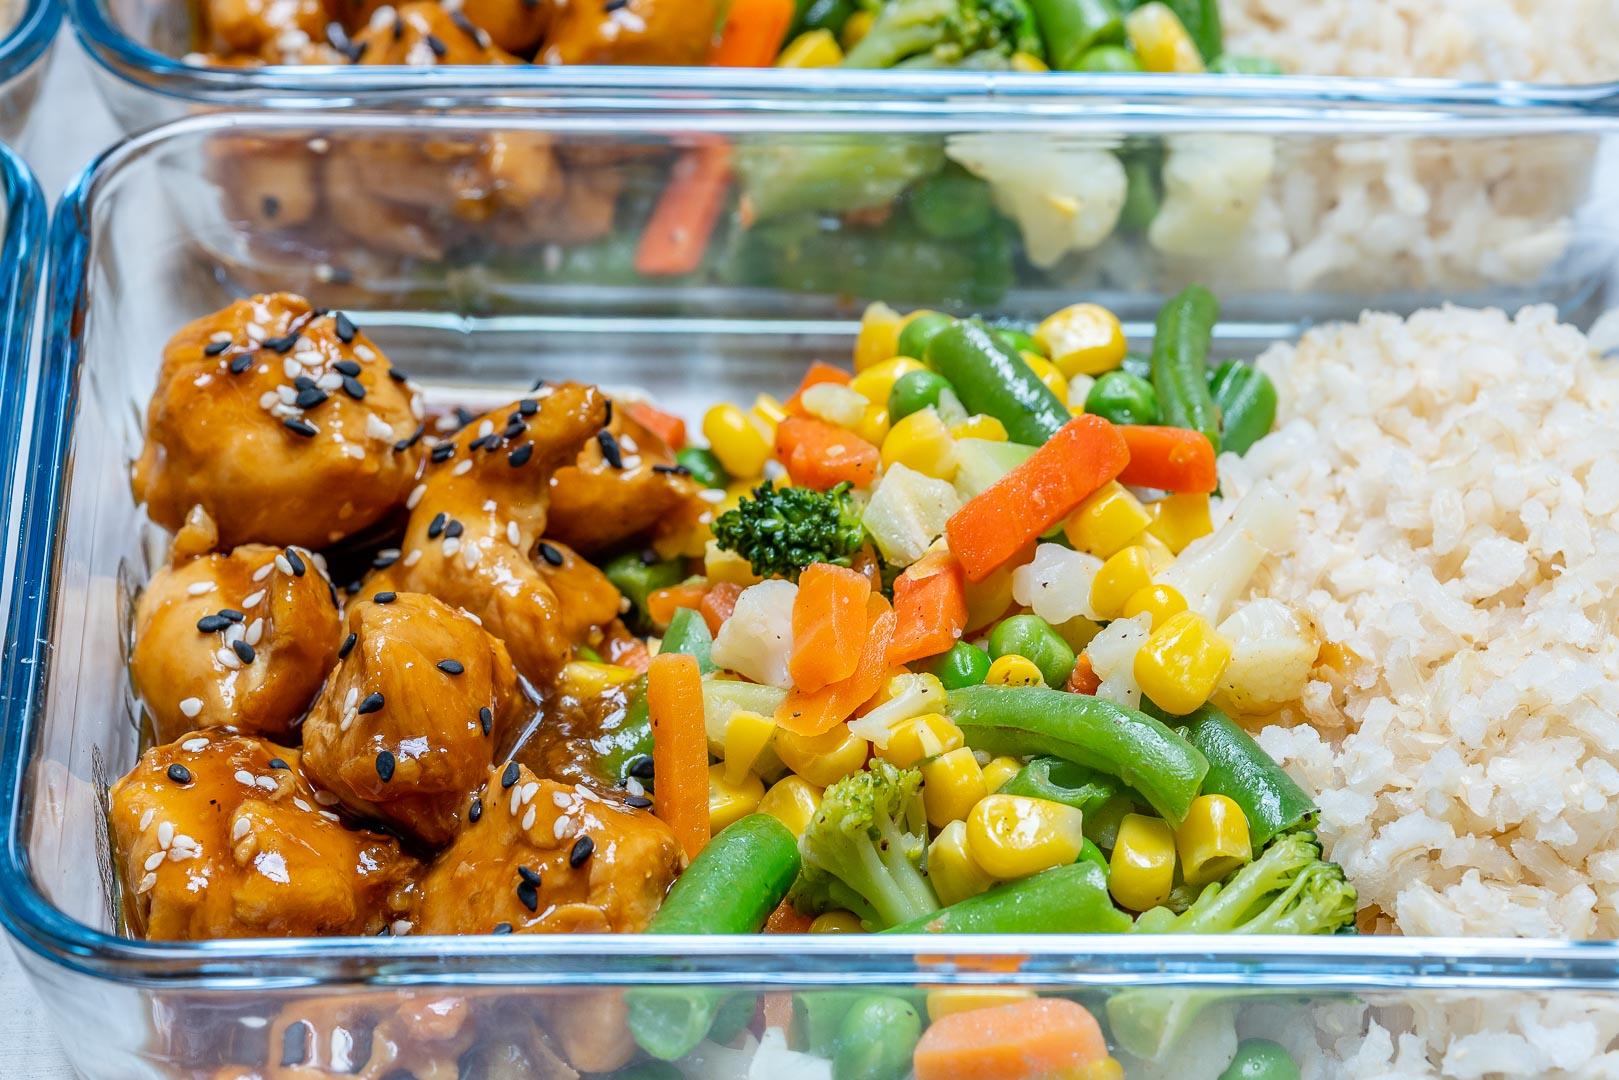 Clean Eats Meal-Prep Teriyaki Chicken Bowls